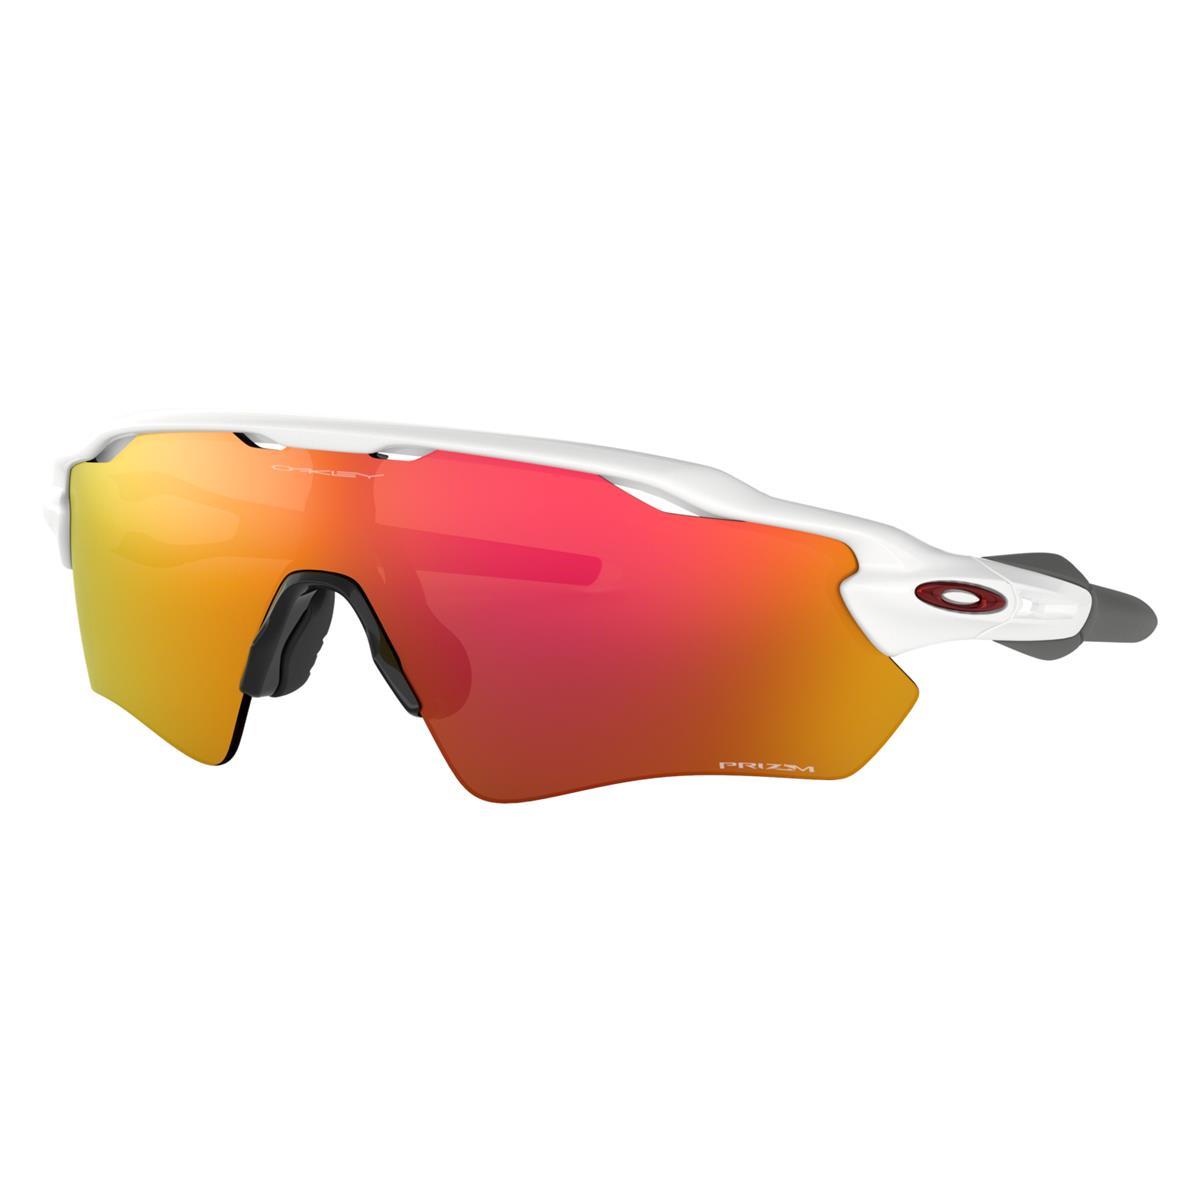 Oakley Sportbrille Radar EV Path Polished Weiß - Prizm Ruby